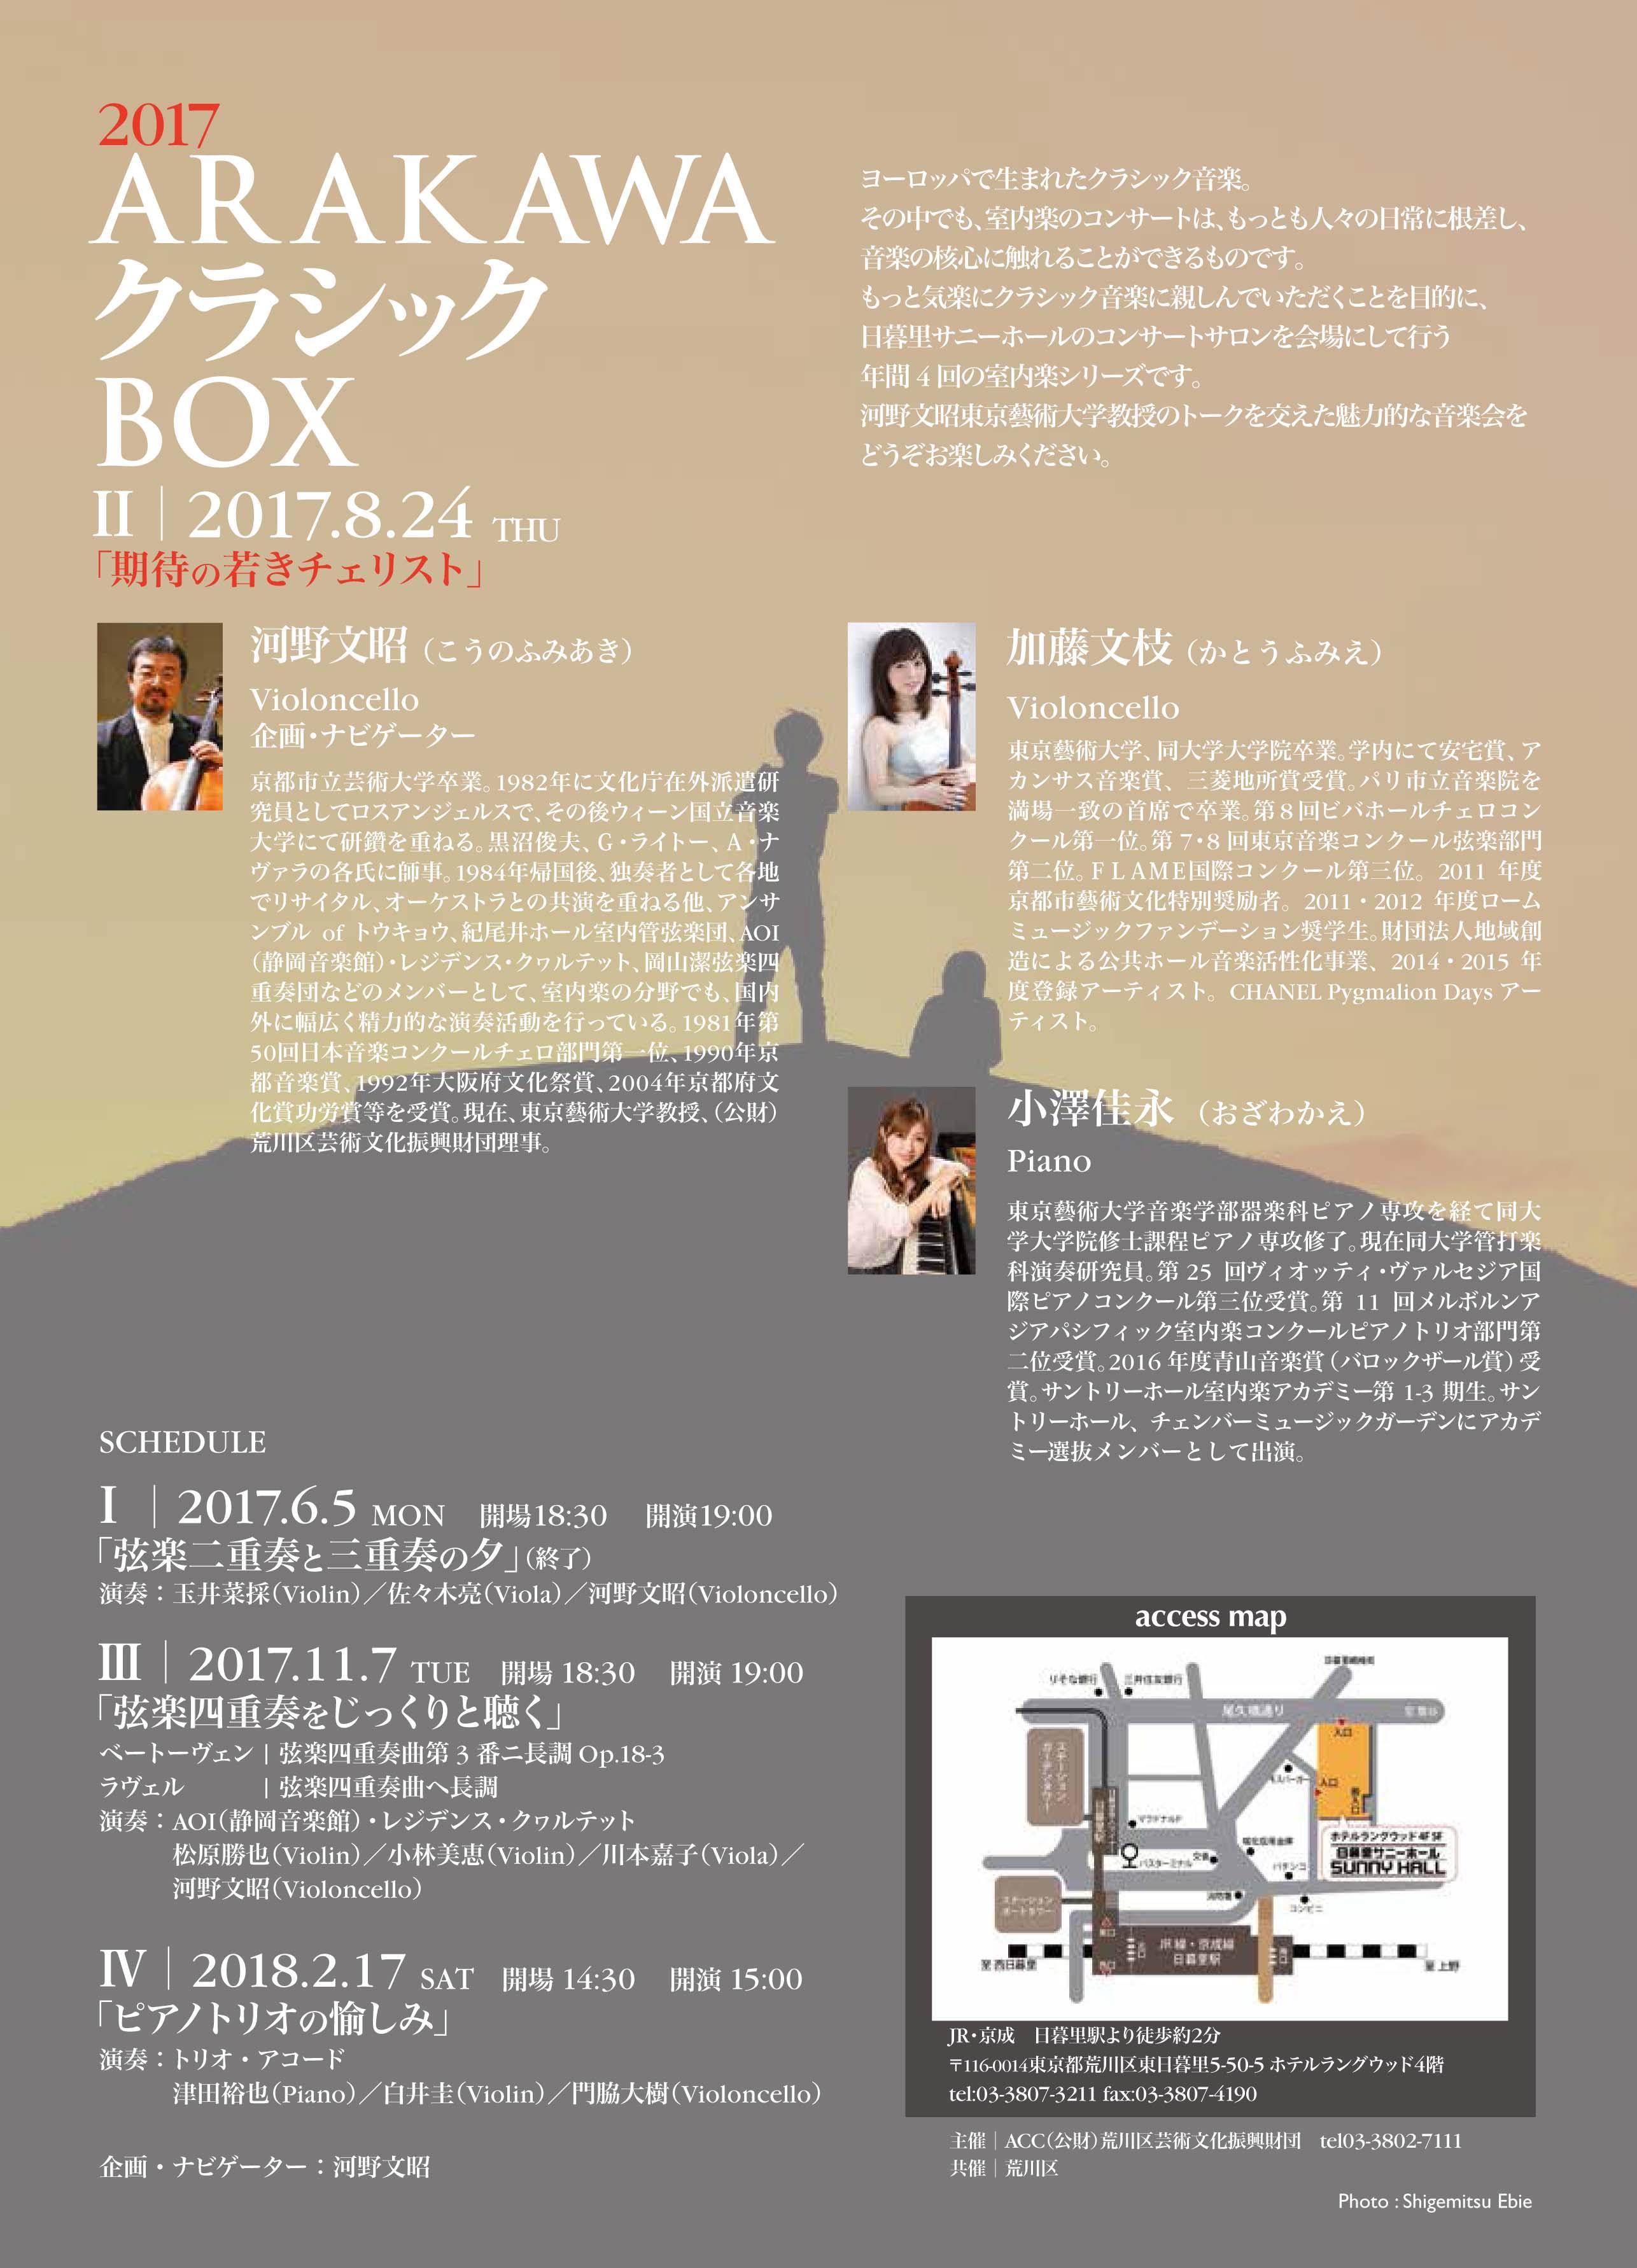 http://www.acc-arakawa.jp/event/4680ce56335cdc5159f7bd38671265daac91cc14.jpg